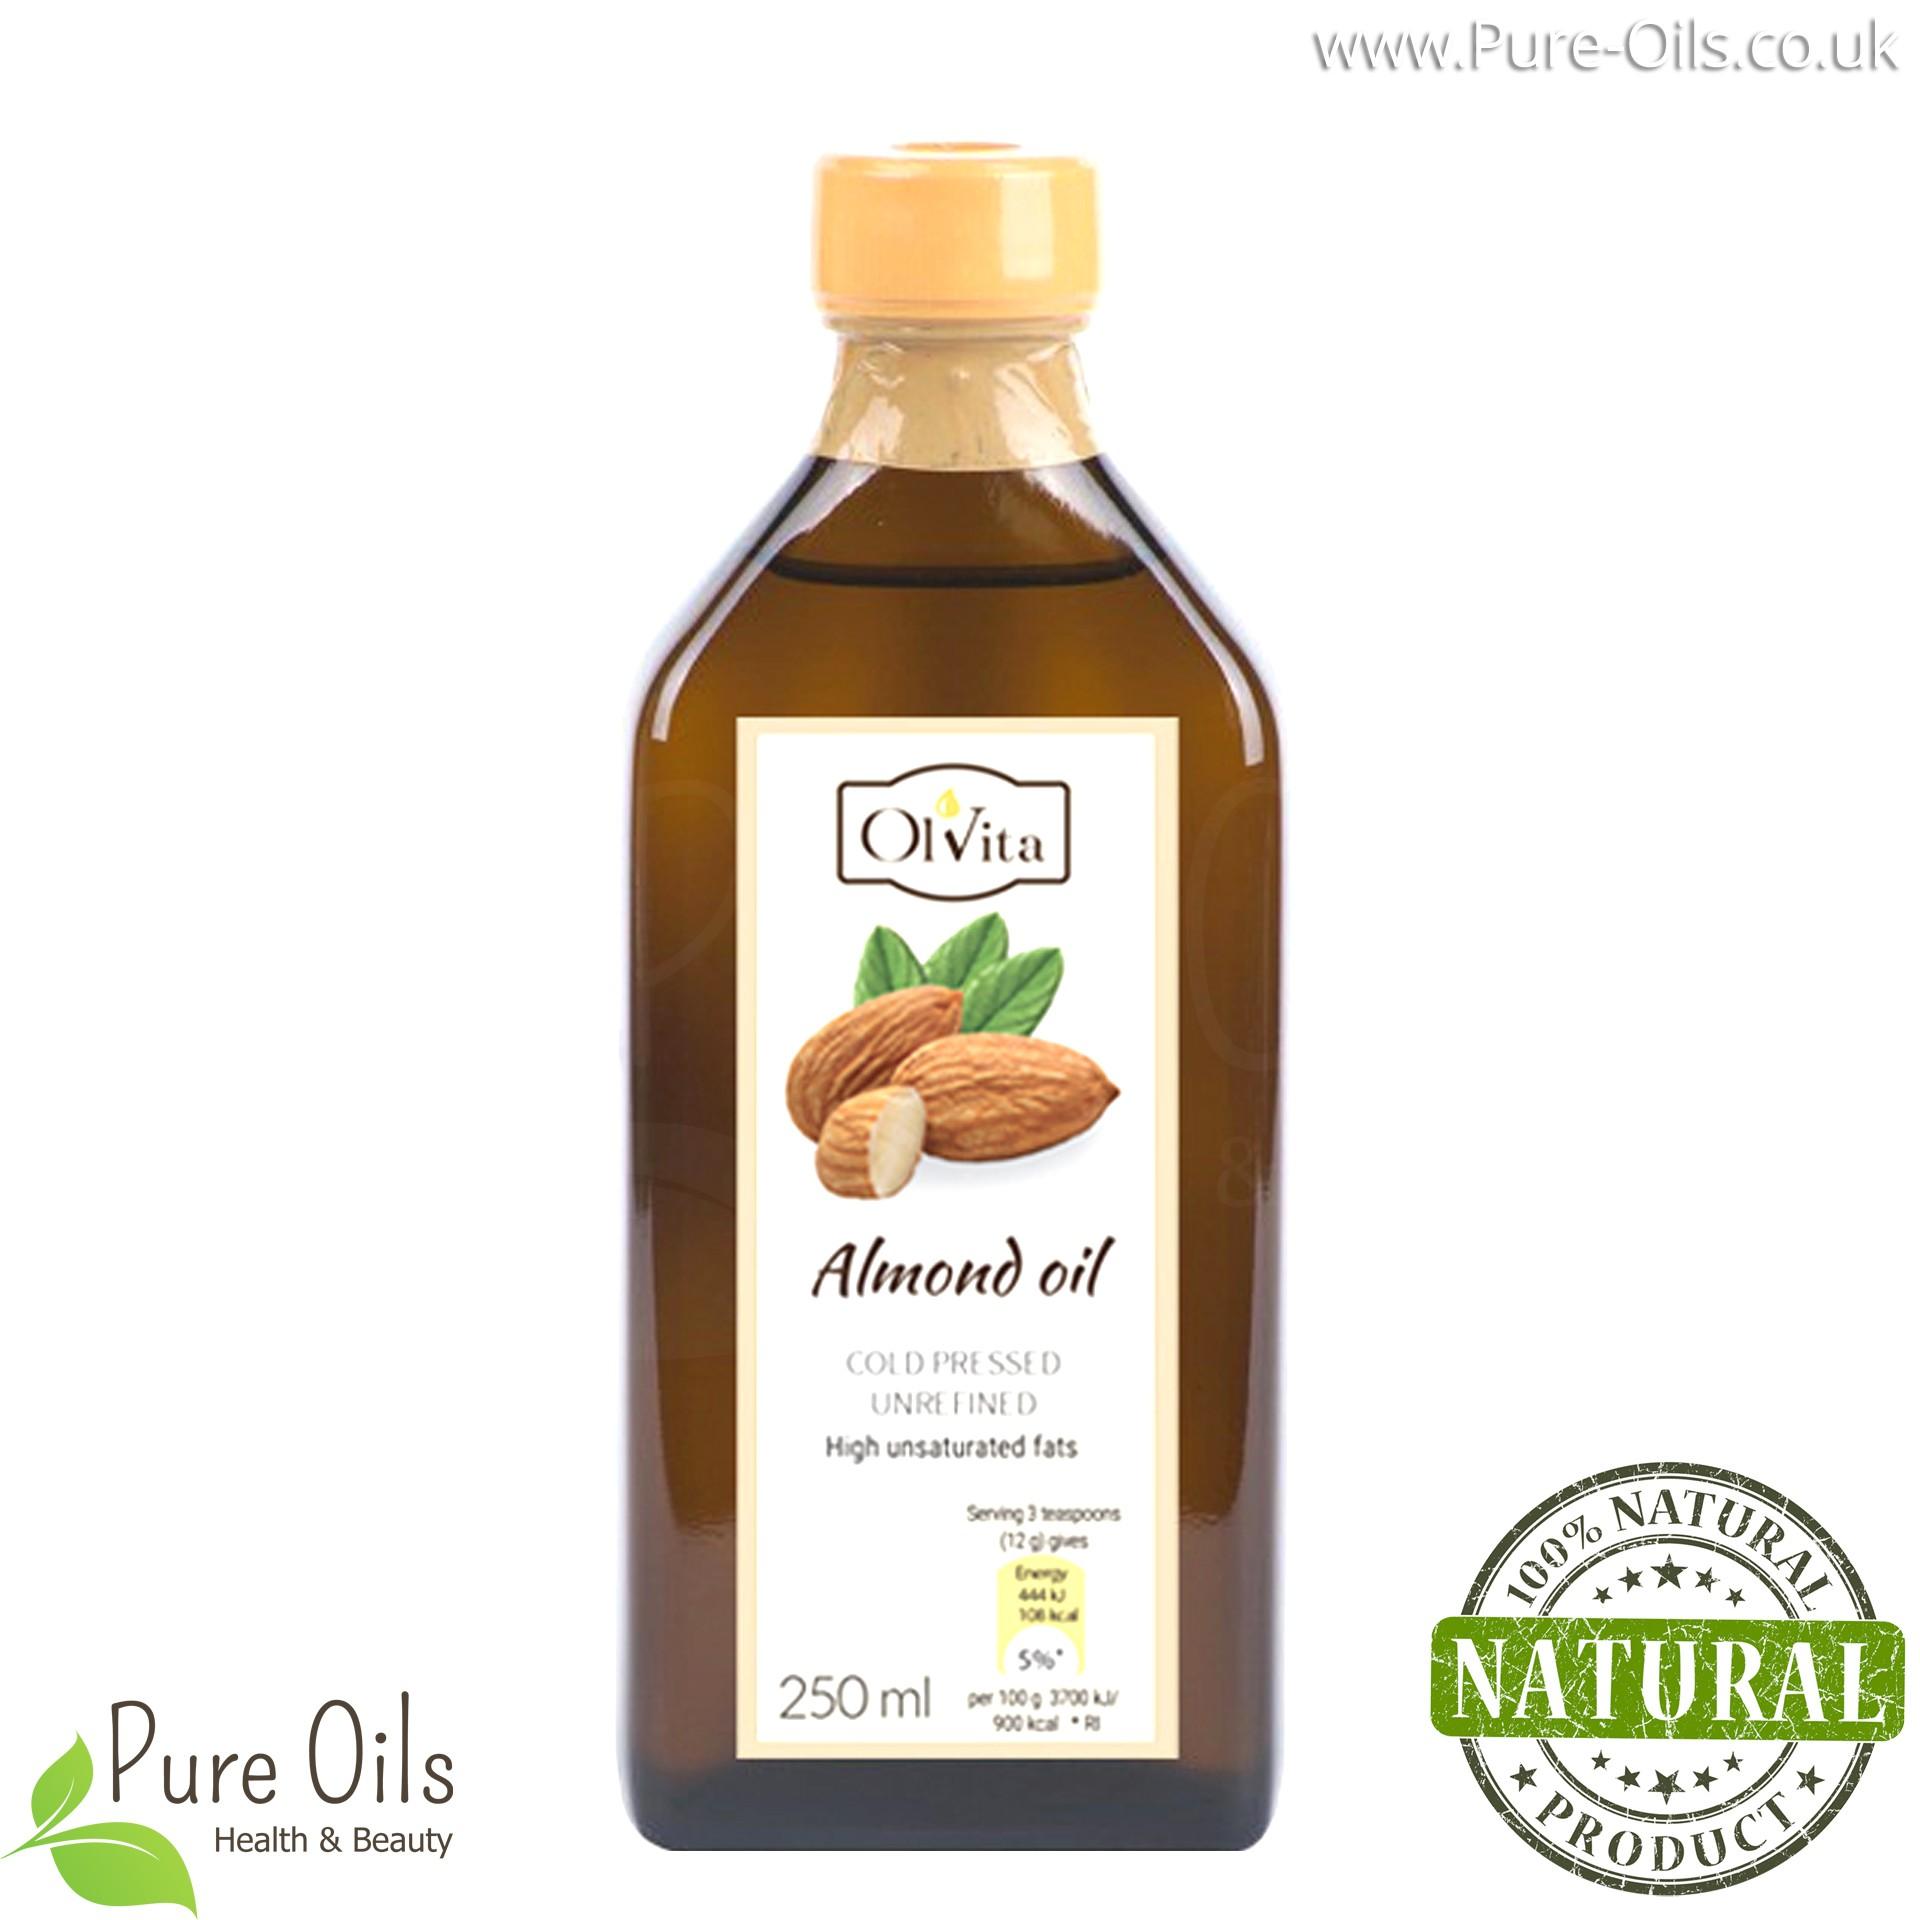 Almond oil, cold pressed, unrefined, crude, Ol'Vita 250ml